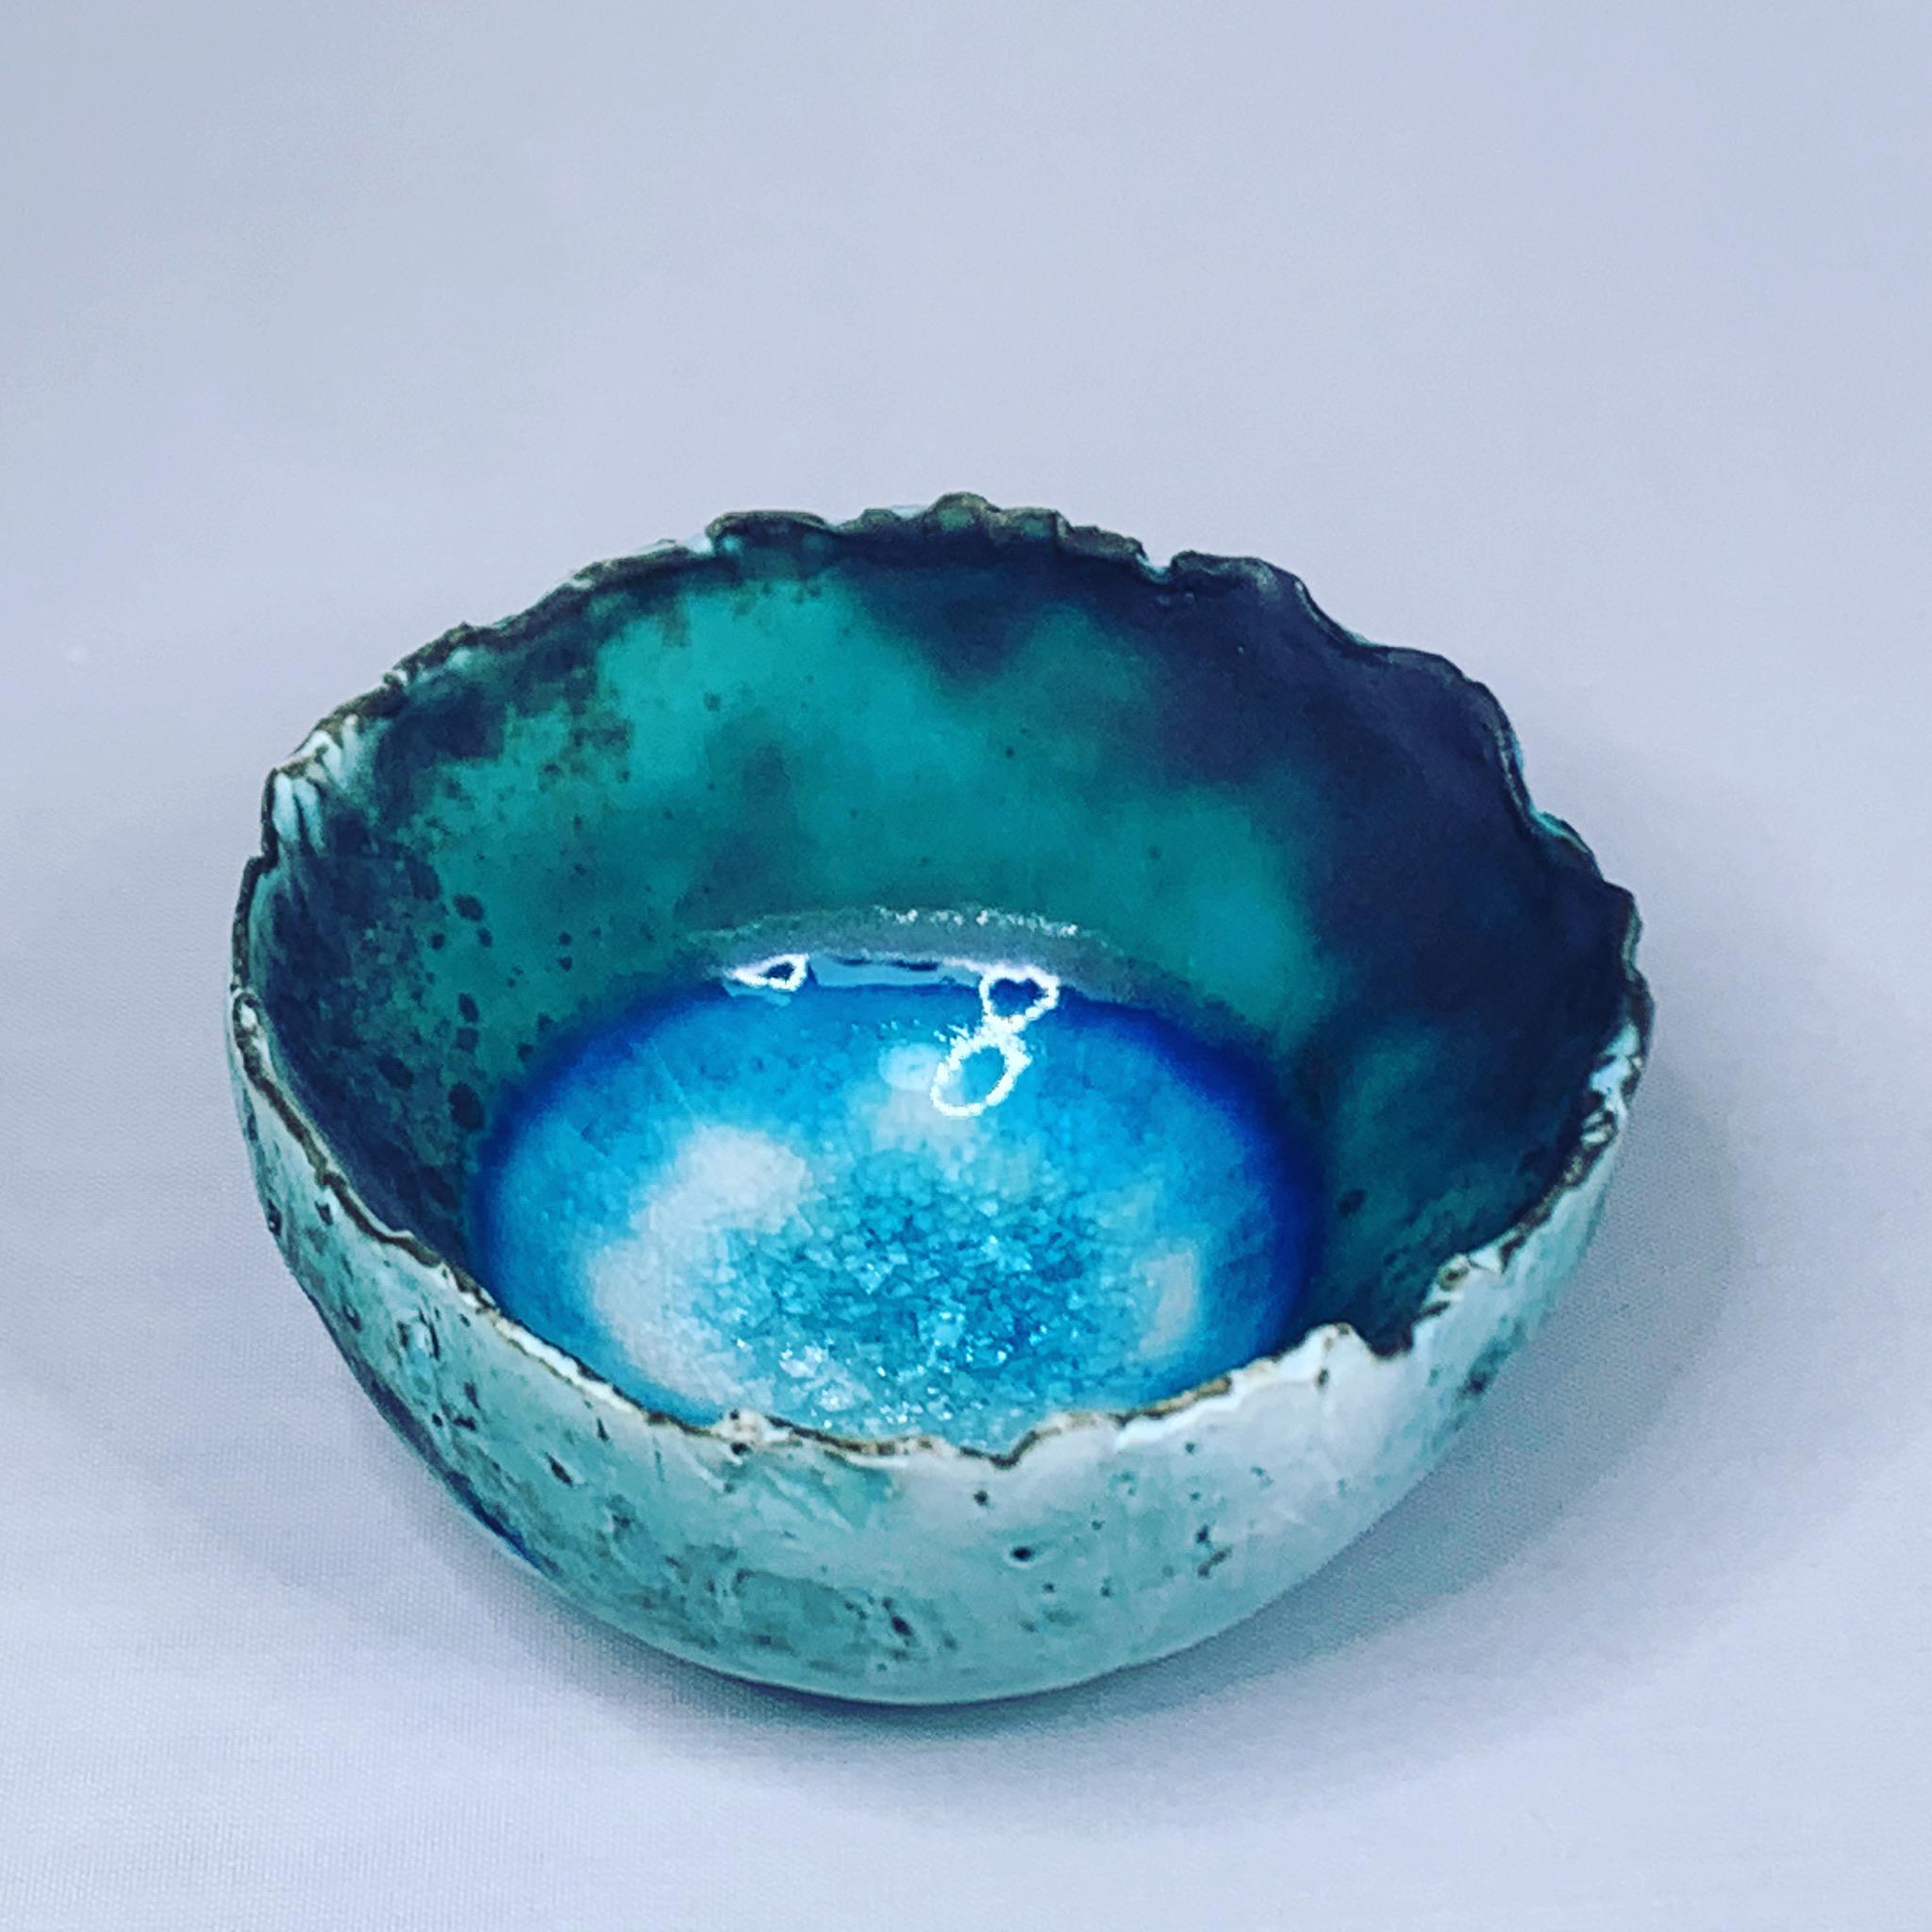 Anne James Ceramics